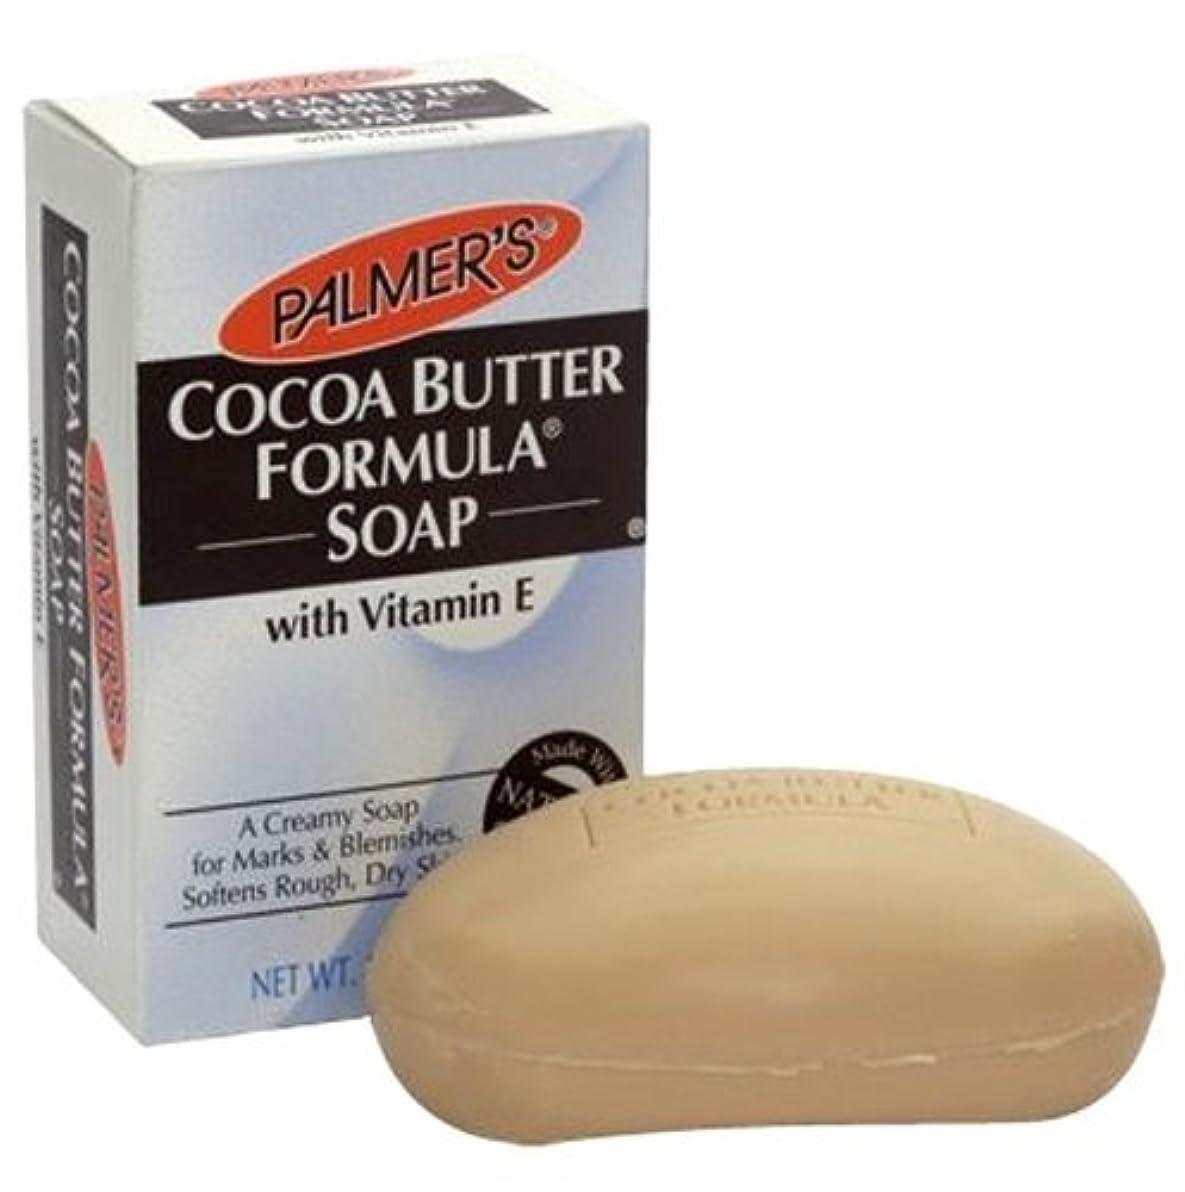 投げる貯水池句読点Palmer's ココアバターフォーミュラデイリースキンセラピー石鹸3.5オズ